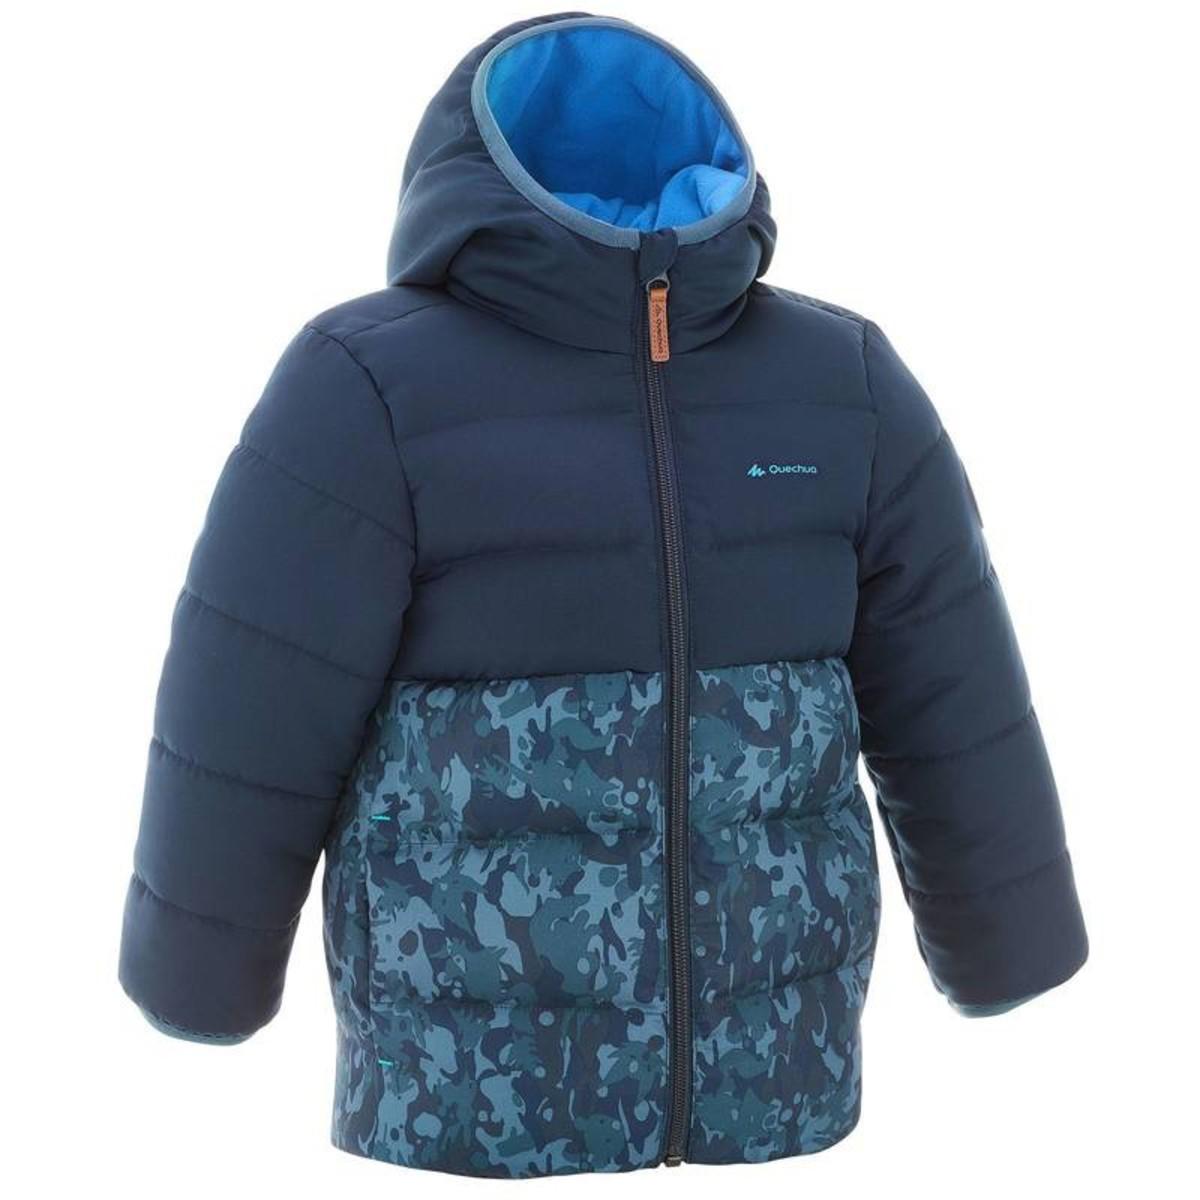 Bild 1 von QUECHUA Wattierte Jacke X-Warm Kinder blau, Größe: 2 J. - Gr. 86